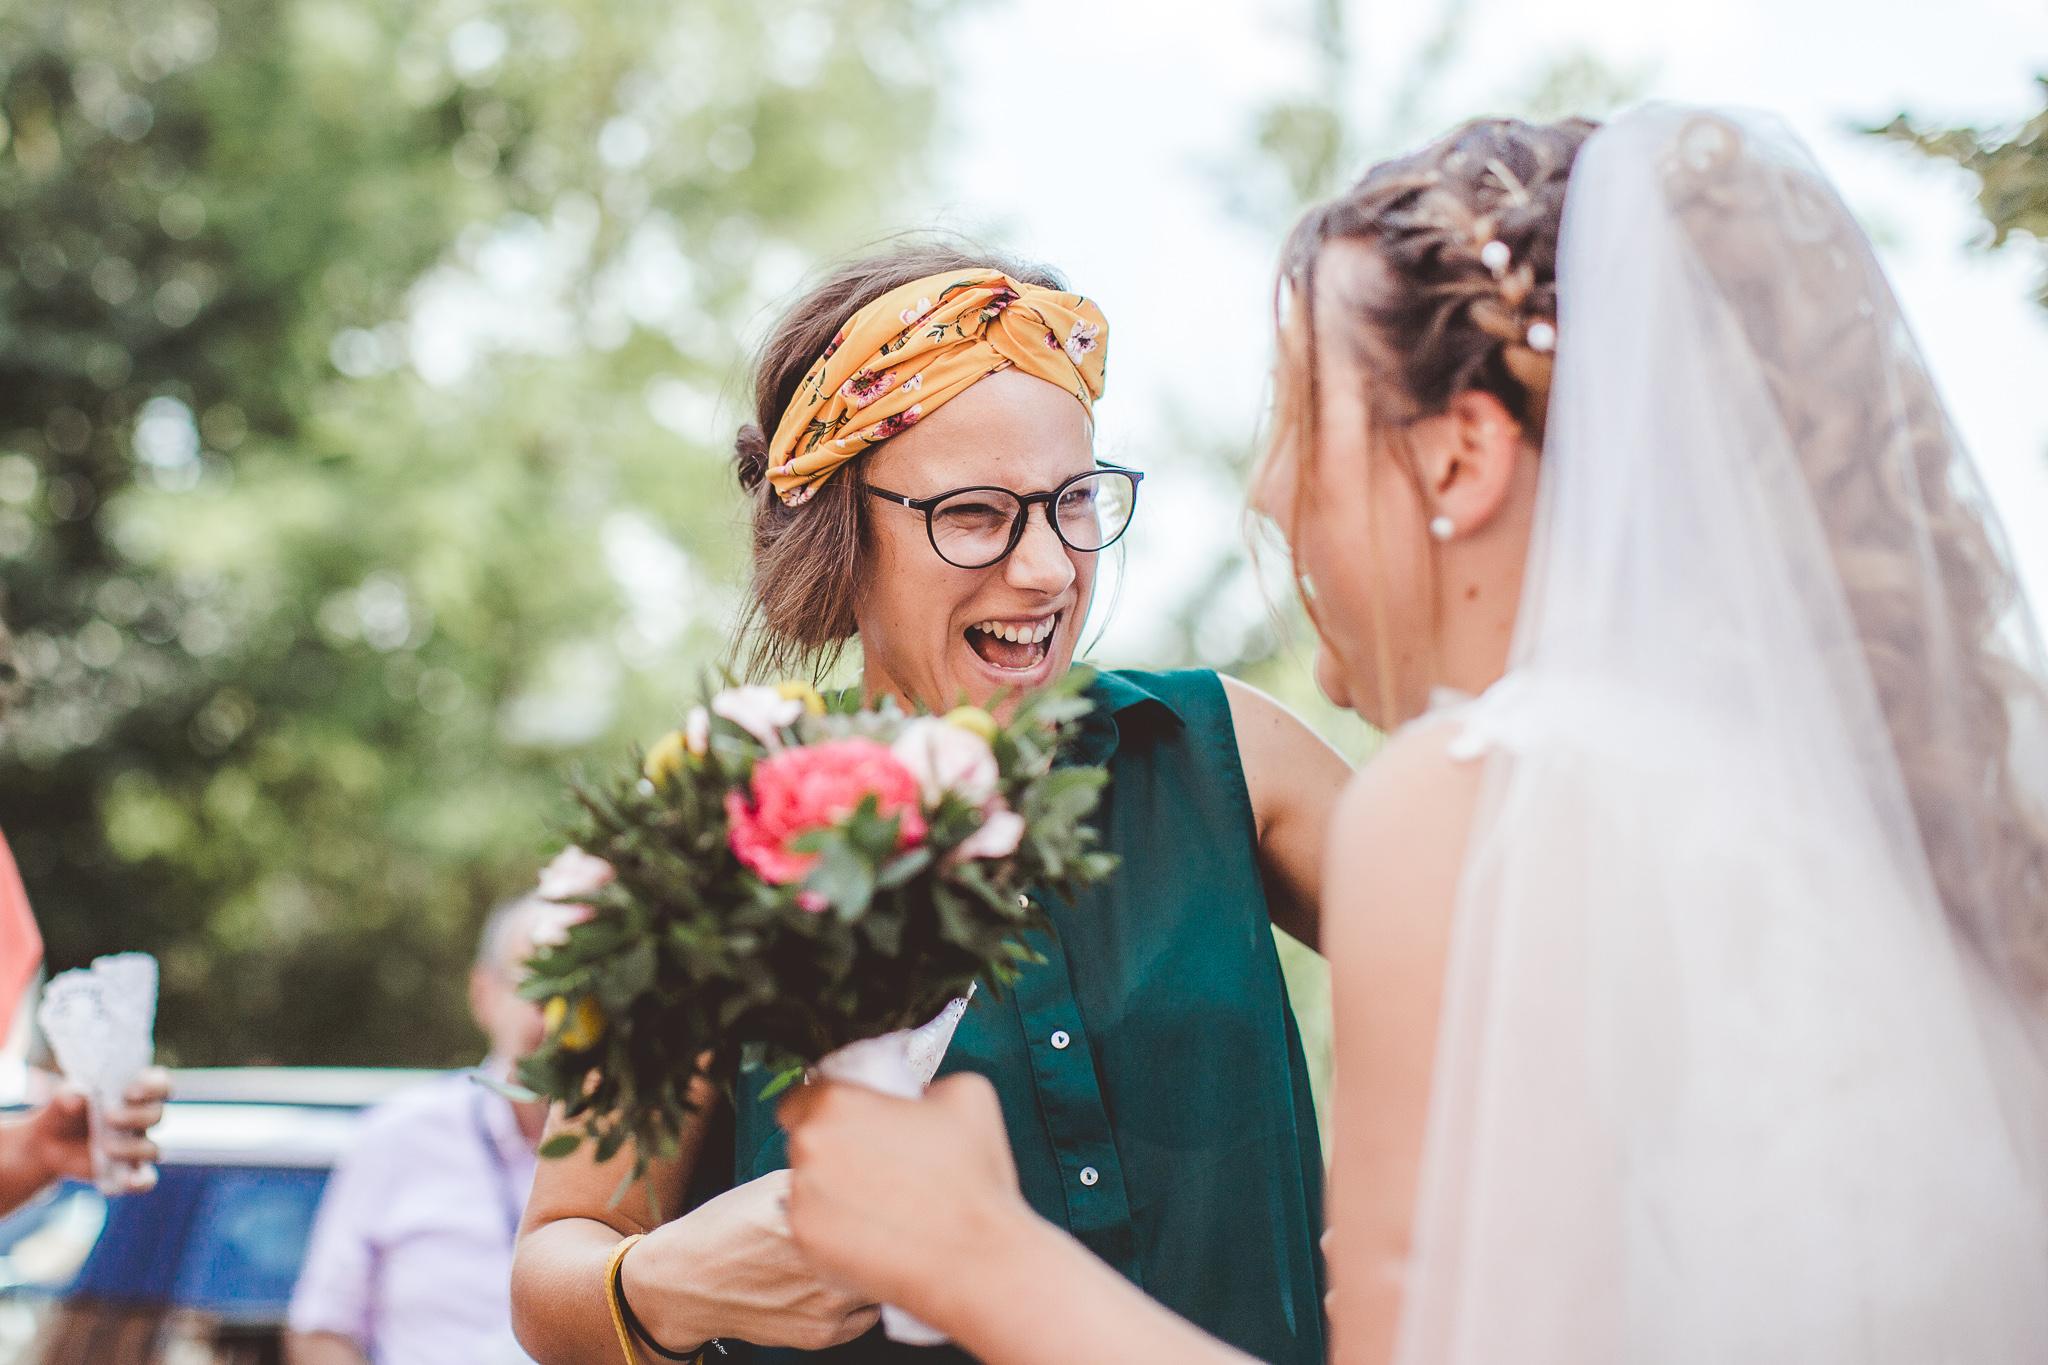 reportage mariage photo emotion instantane calins bisous sortie eglise ceremonie religieuse catholique bouquet de fleur toulouse